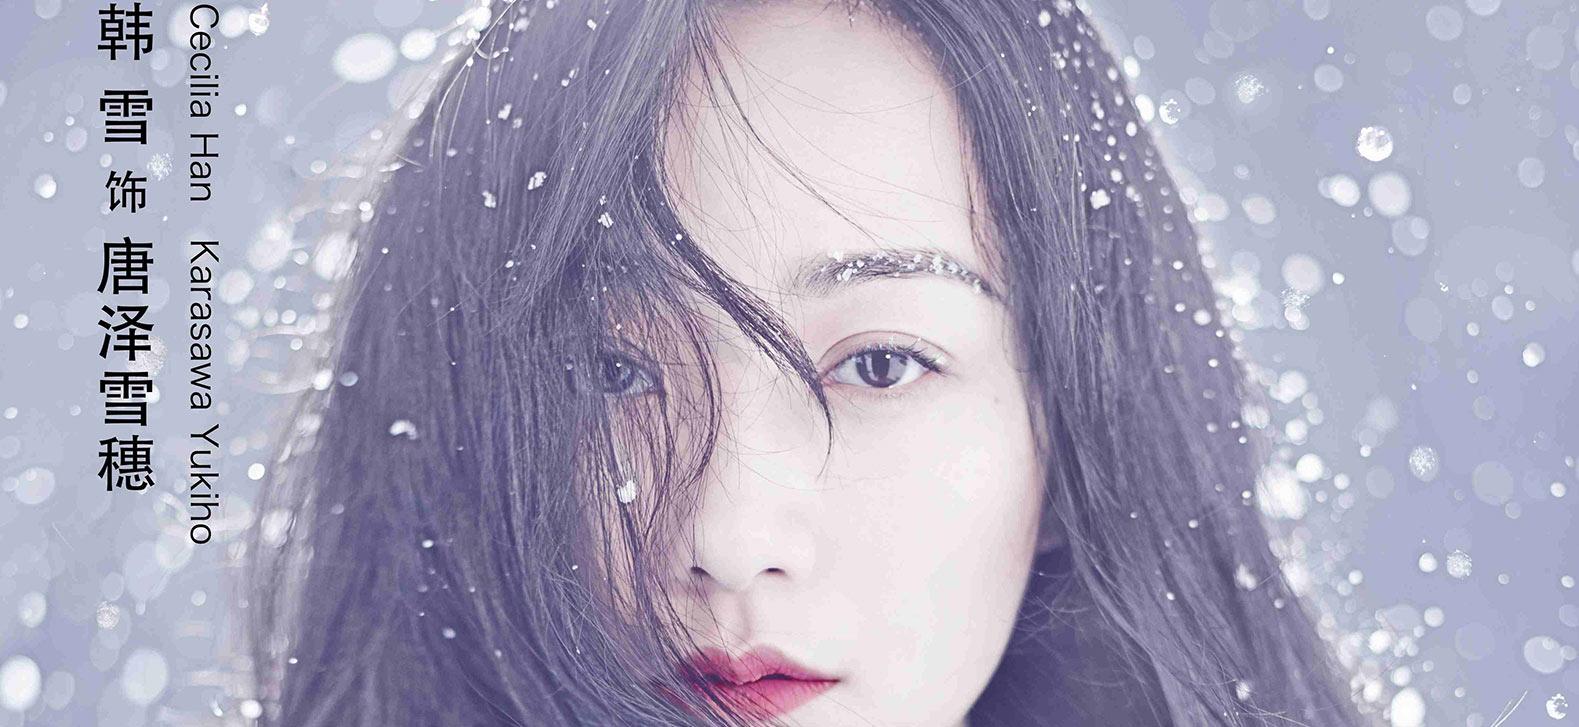 韩雪音乐剧《白夜行》上海场开票30秒售罄